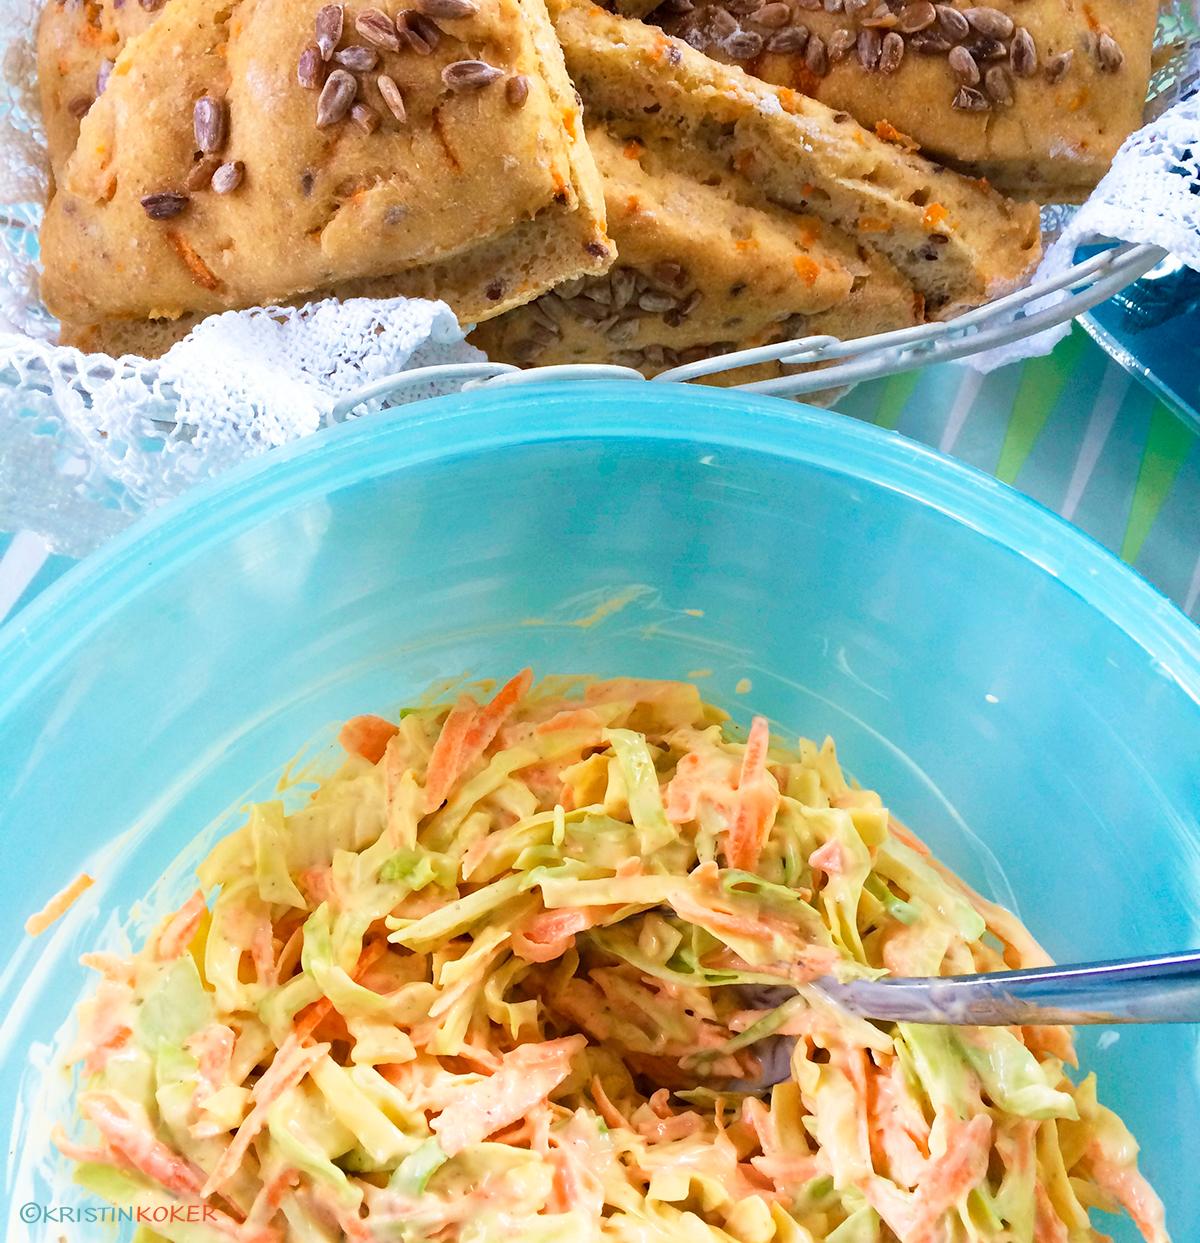 hjemmelaget italiensk salat servert med nybakte glutenfrie gulrotruter.